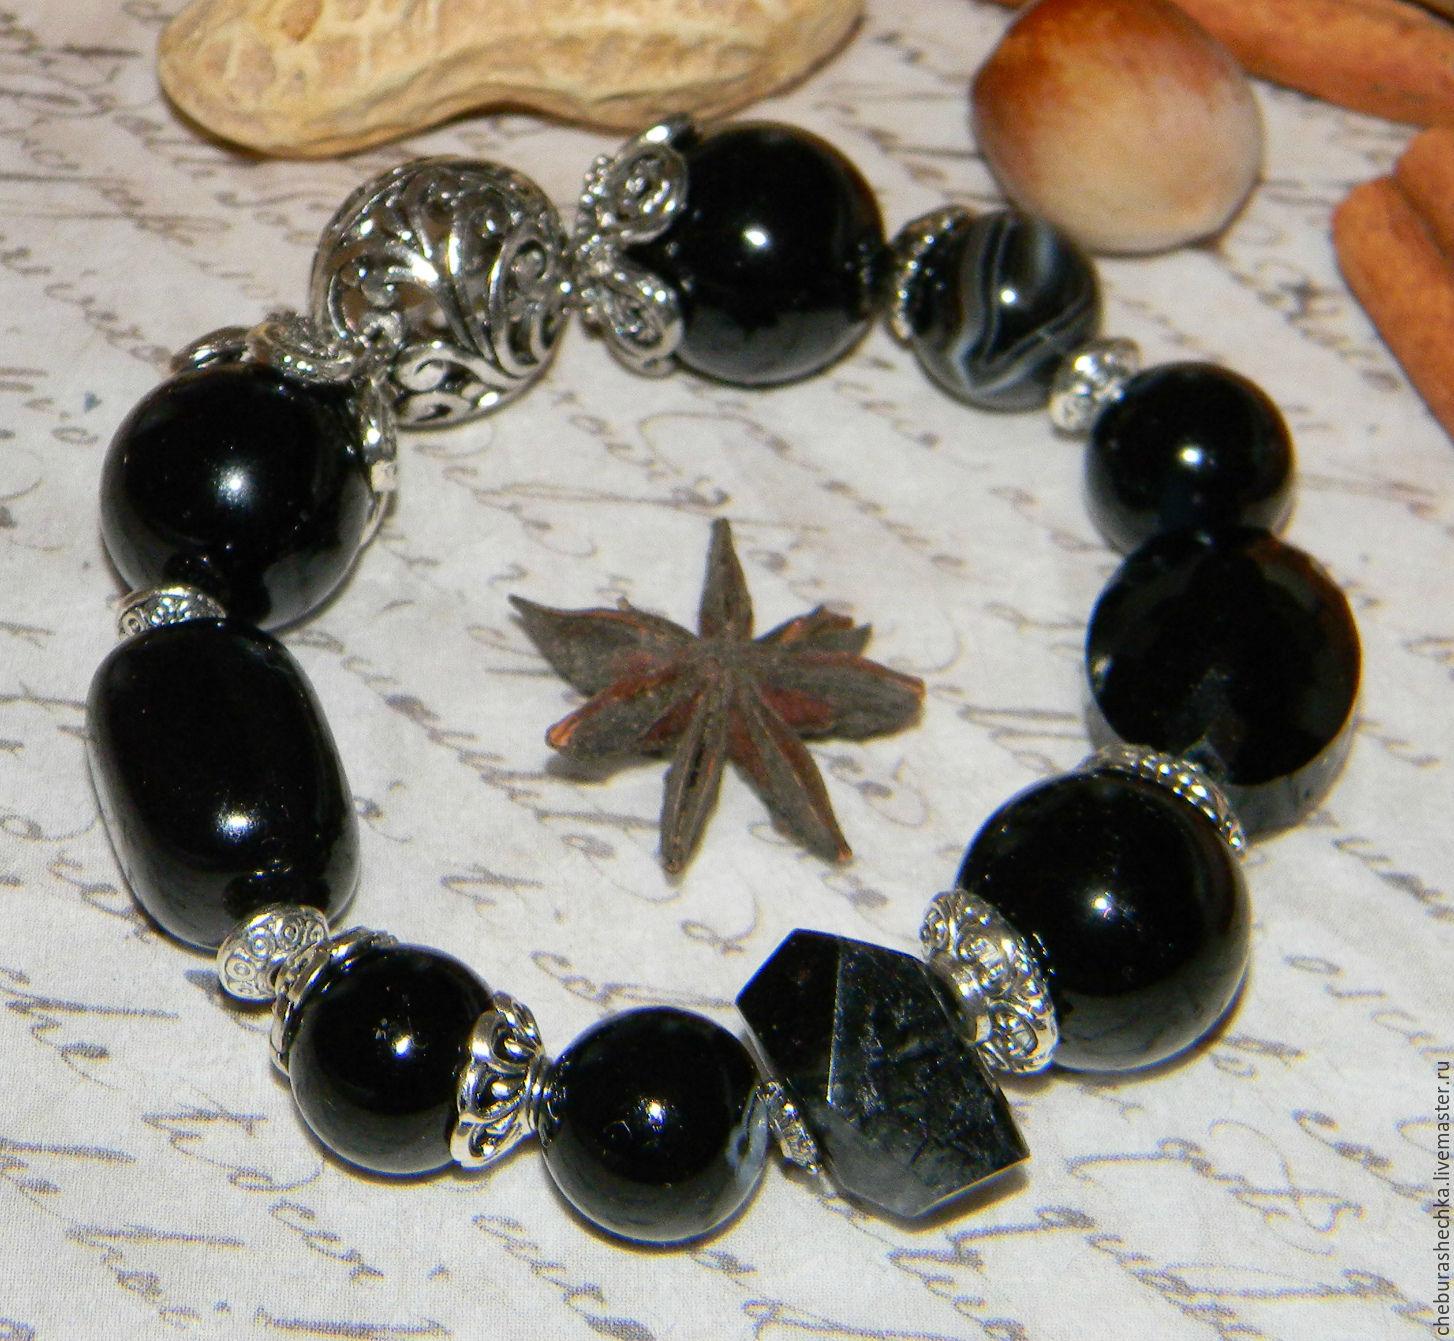 Ювелирные украшения из черного камня оникс.